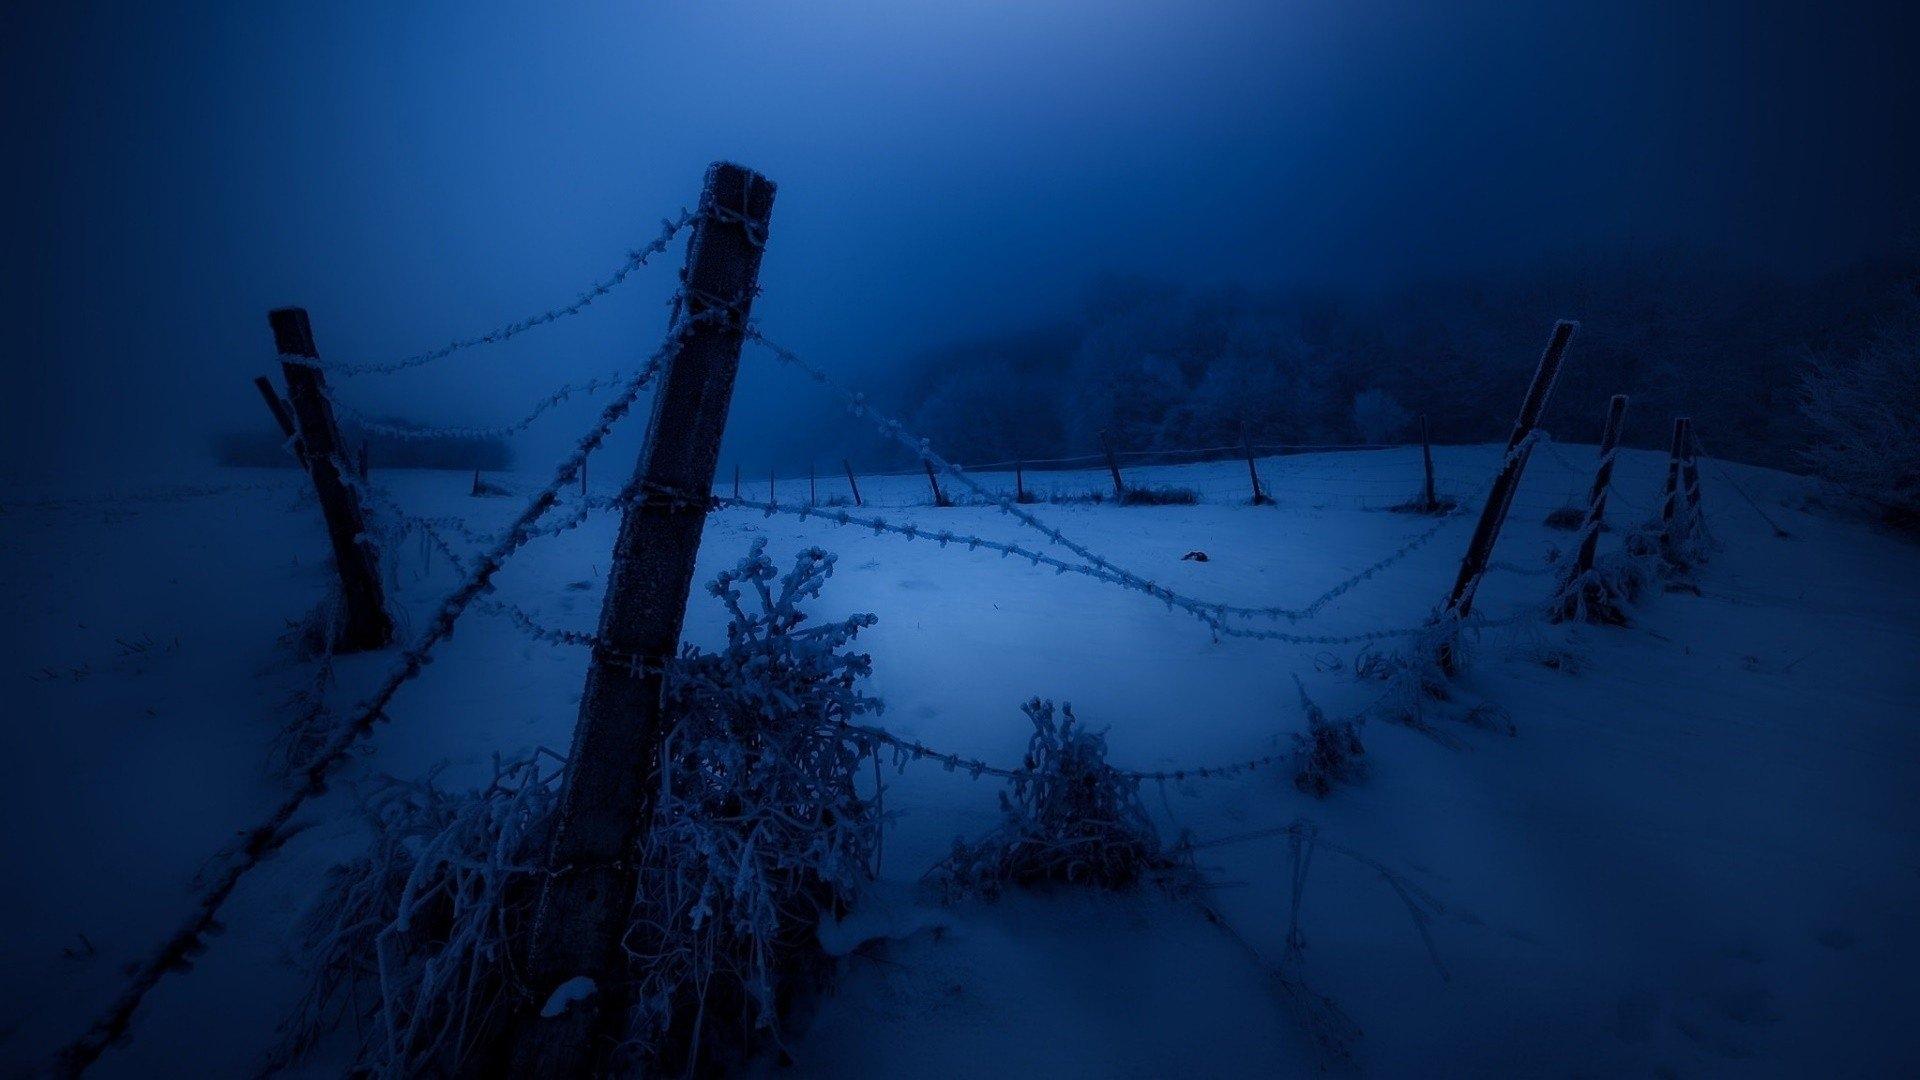 2월 15일 어두운 곳